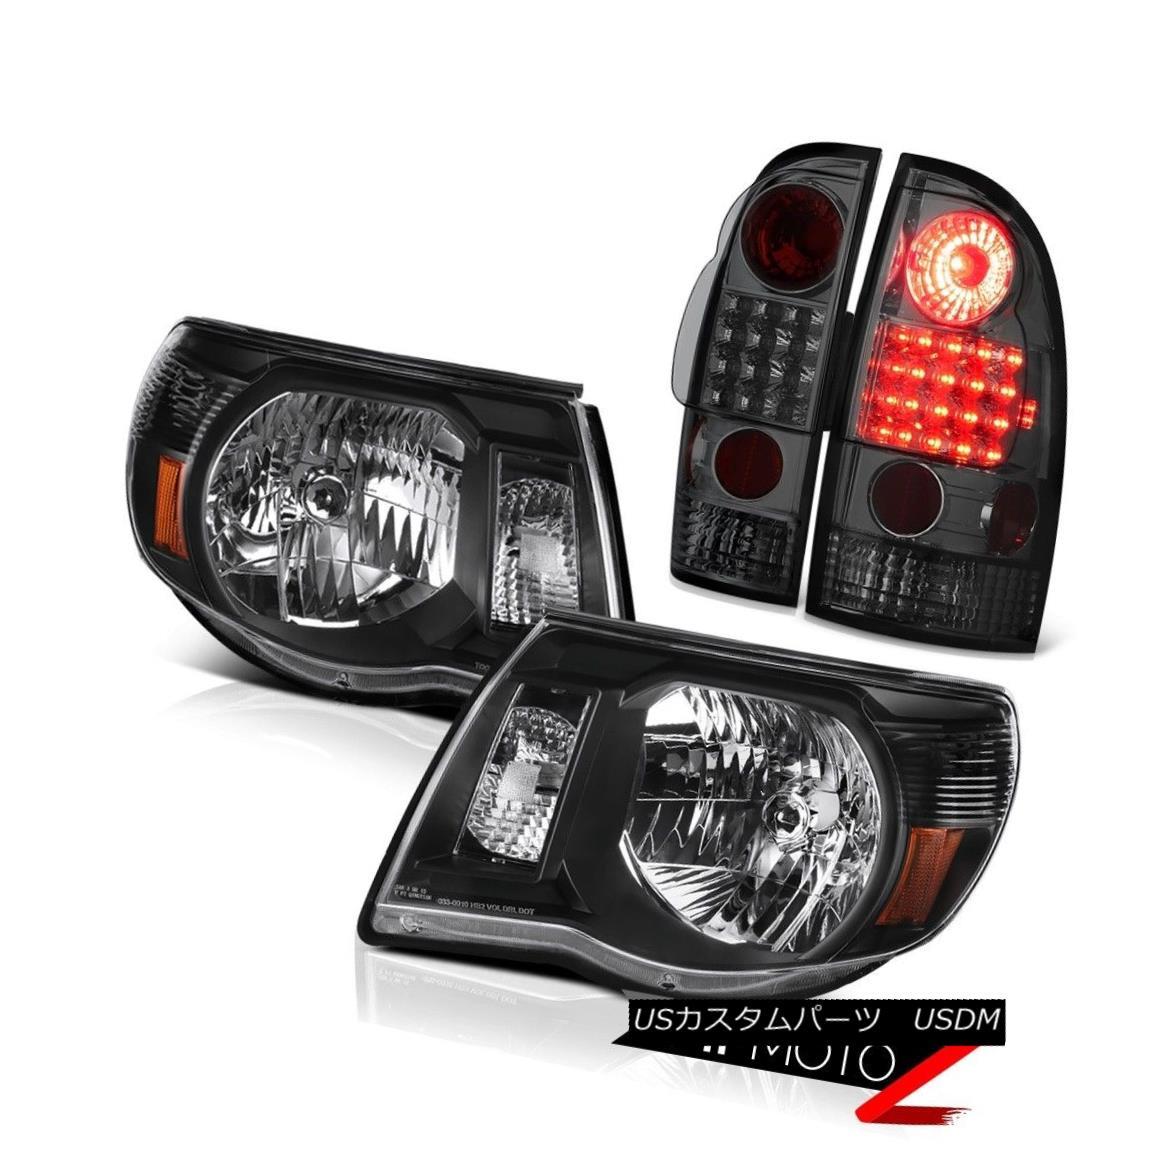 ヘッドライト 2005-2011 Toyota Tacoma Crystal Black Headlights LED Smoke Rear Tail Lights Lamp 2005-2011トヨタタコマクリスタルブラックヘッドライトLEDスモークリアテールライトランプ